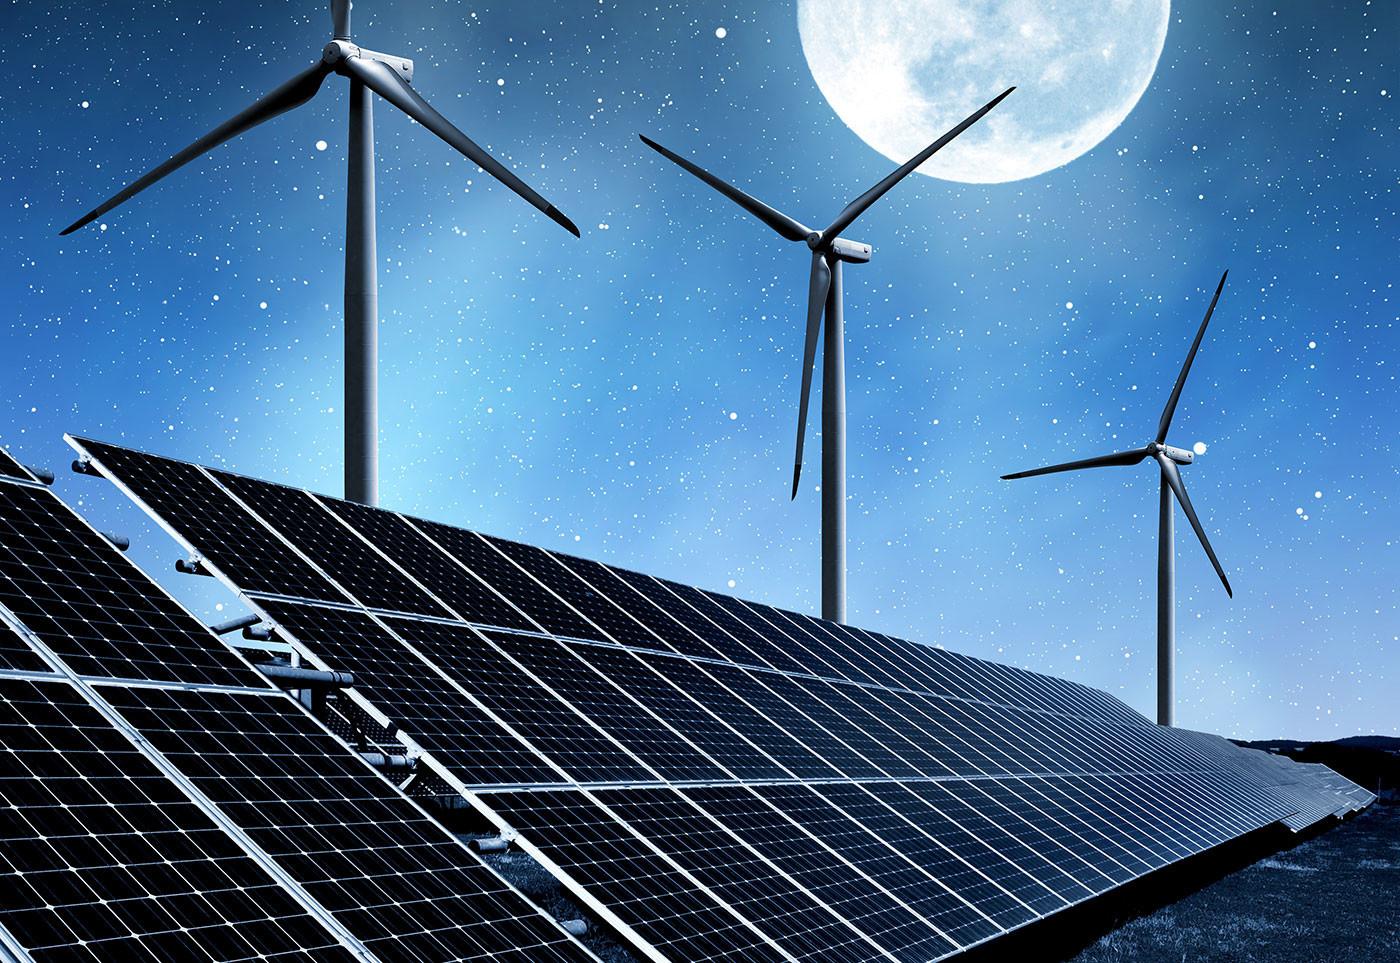 Солнечная батарея «наоборот» — чудо наяву